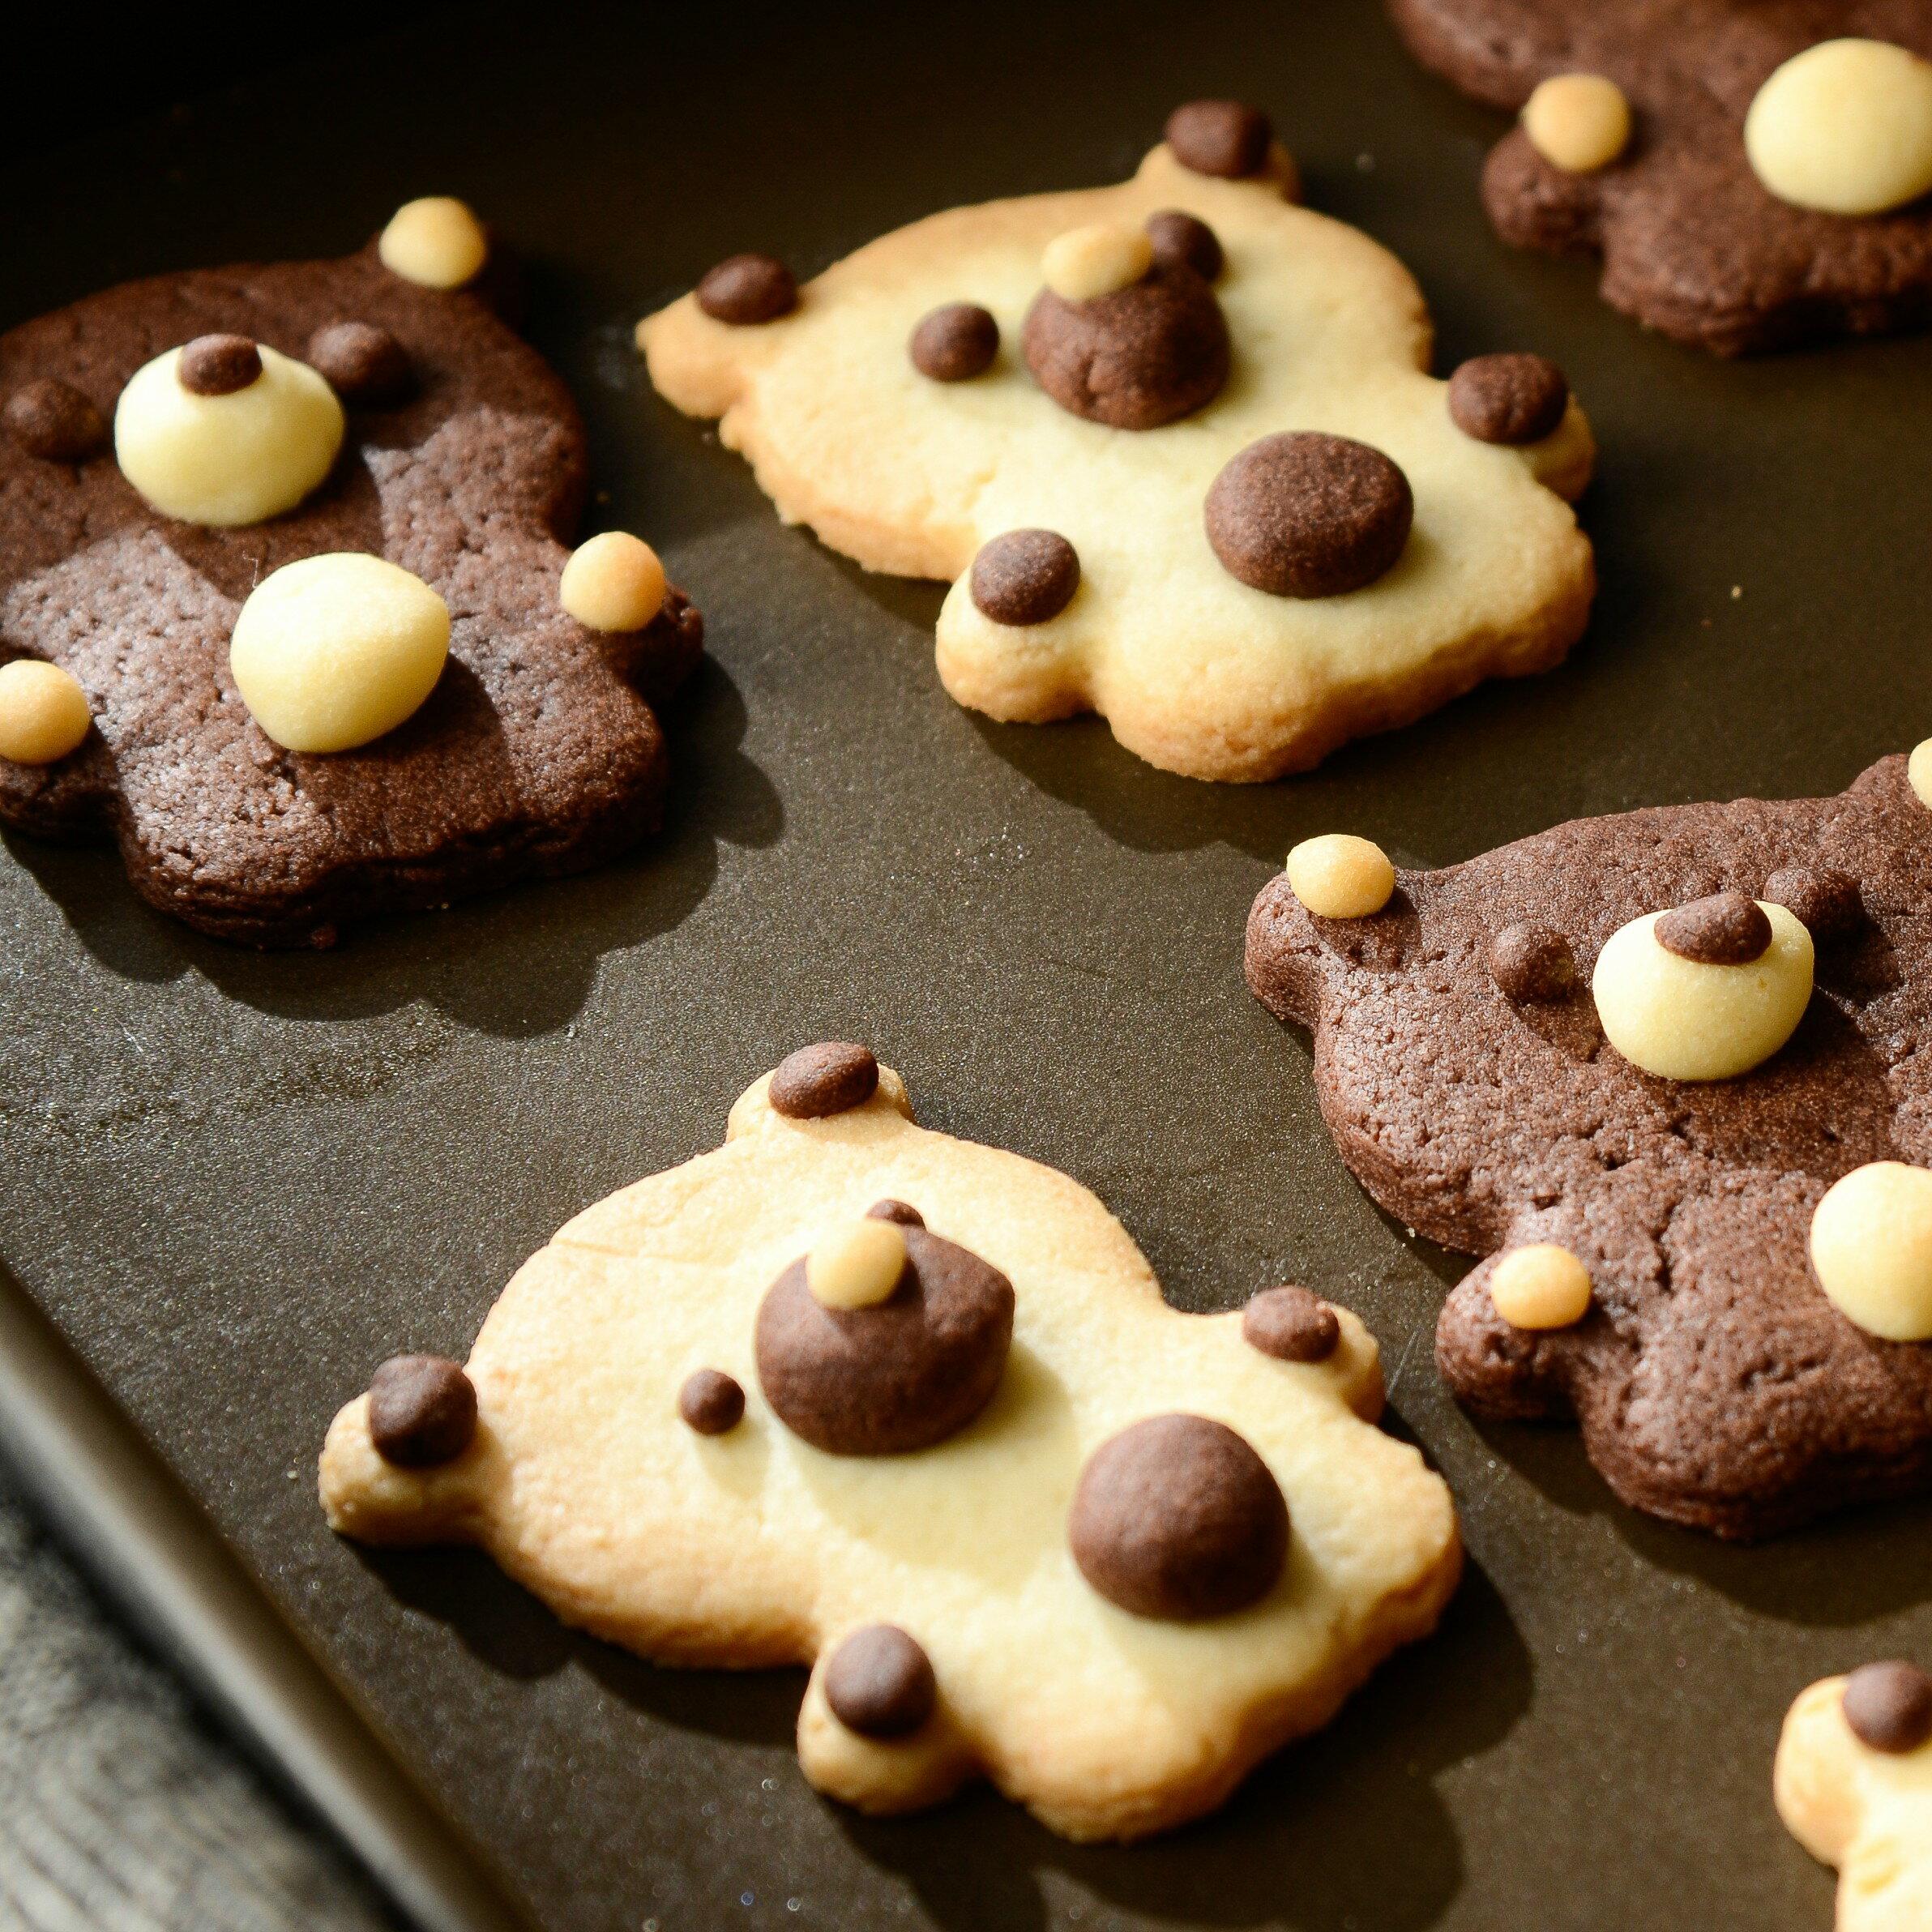 ★熊匠窩窩★熊熊造型餅乾 獨家販售 *單片* 幼稚園 畢業禮物 婚禮小物